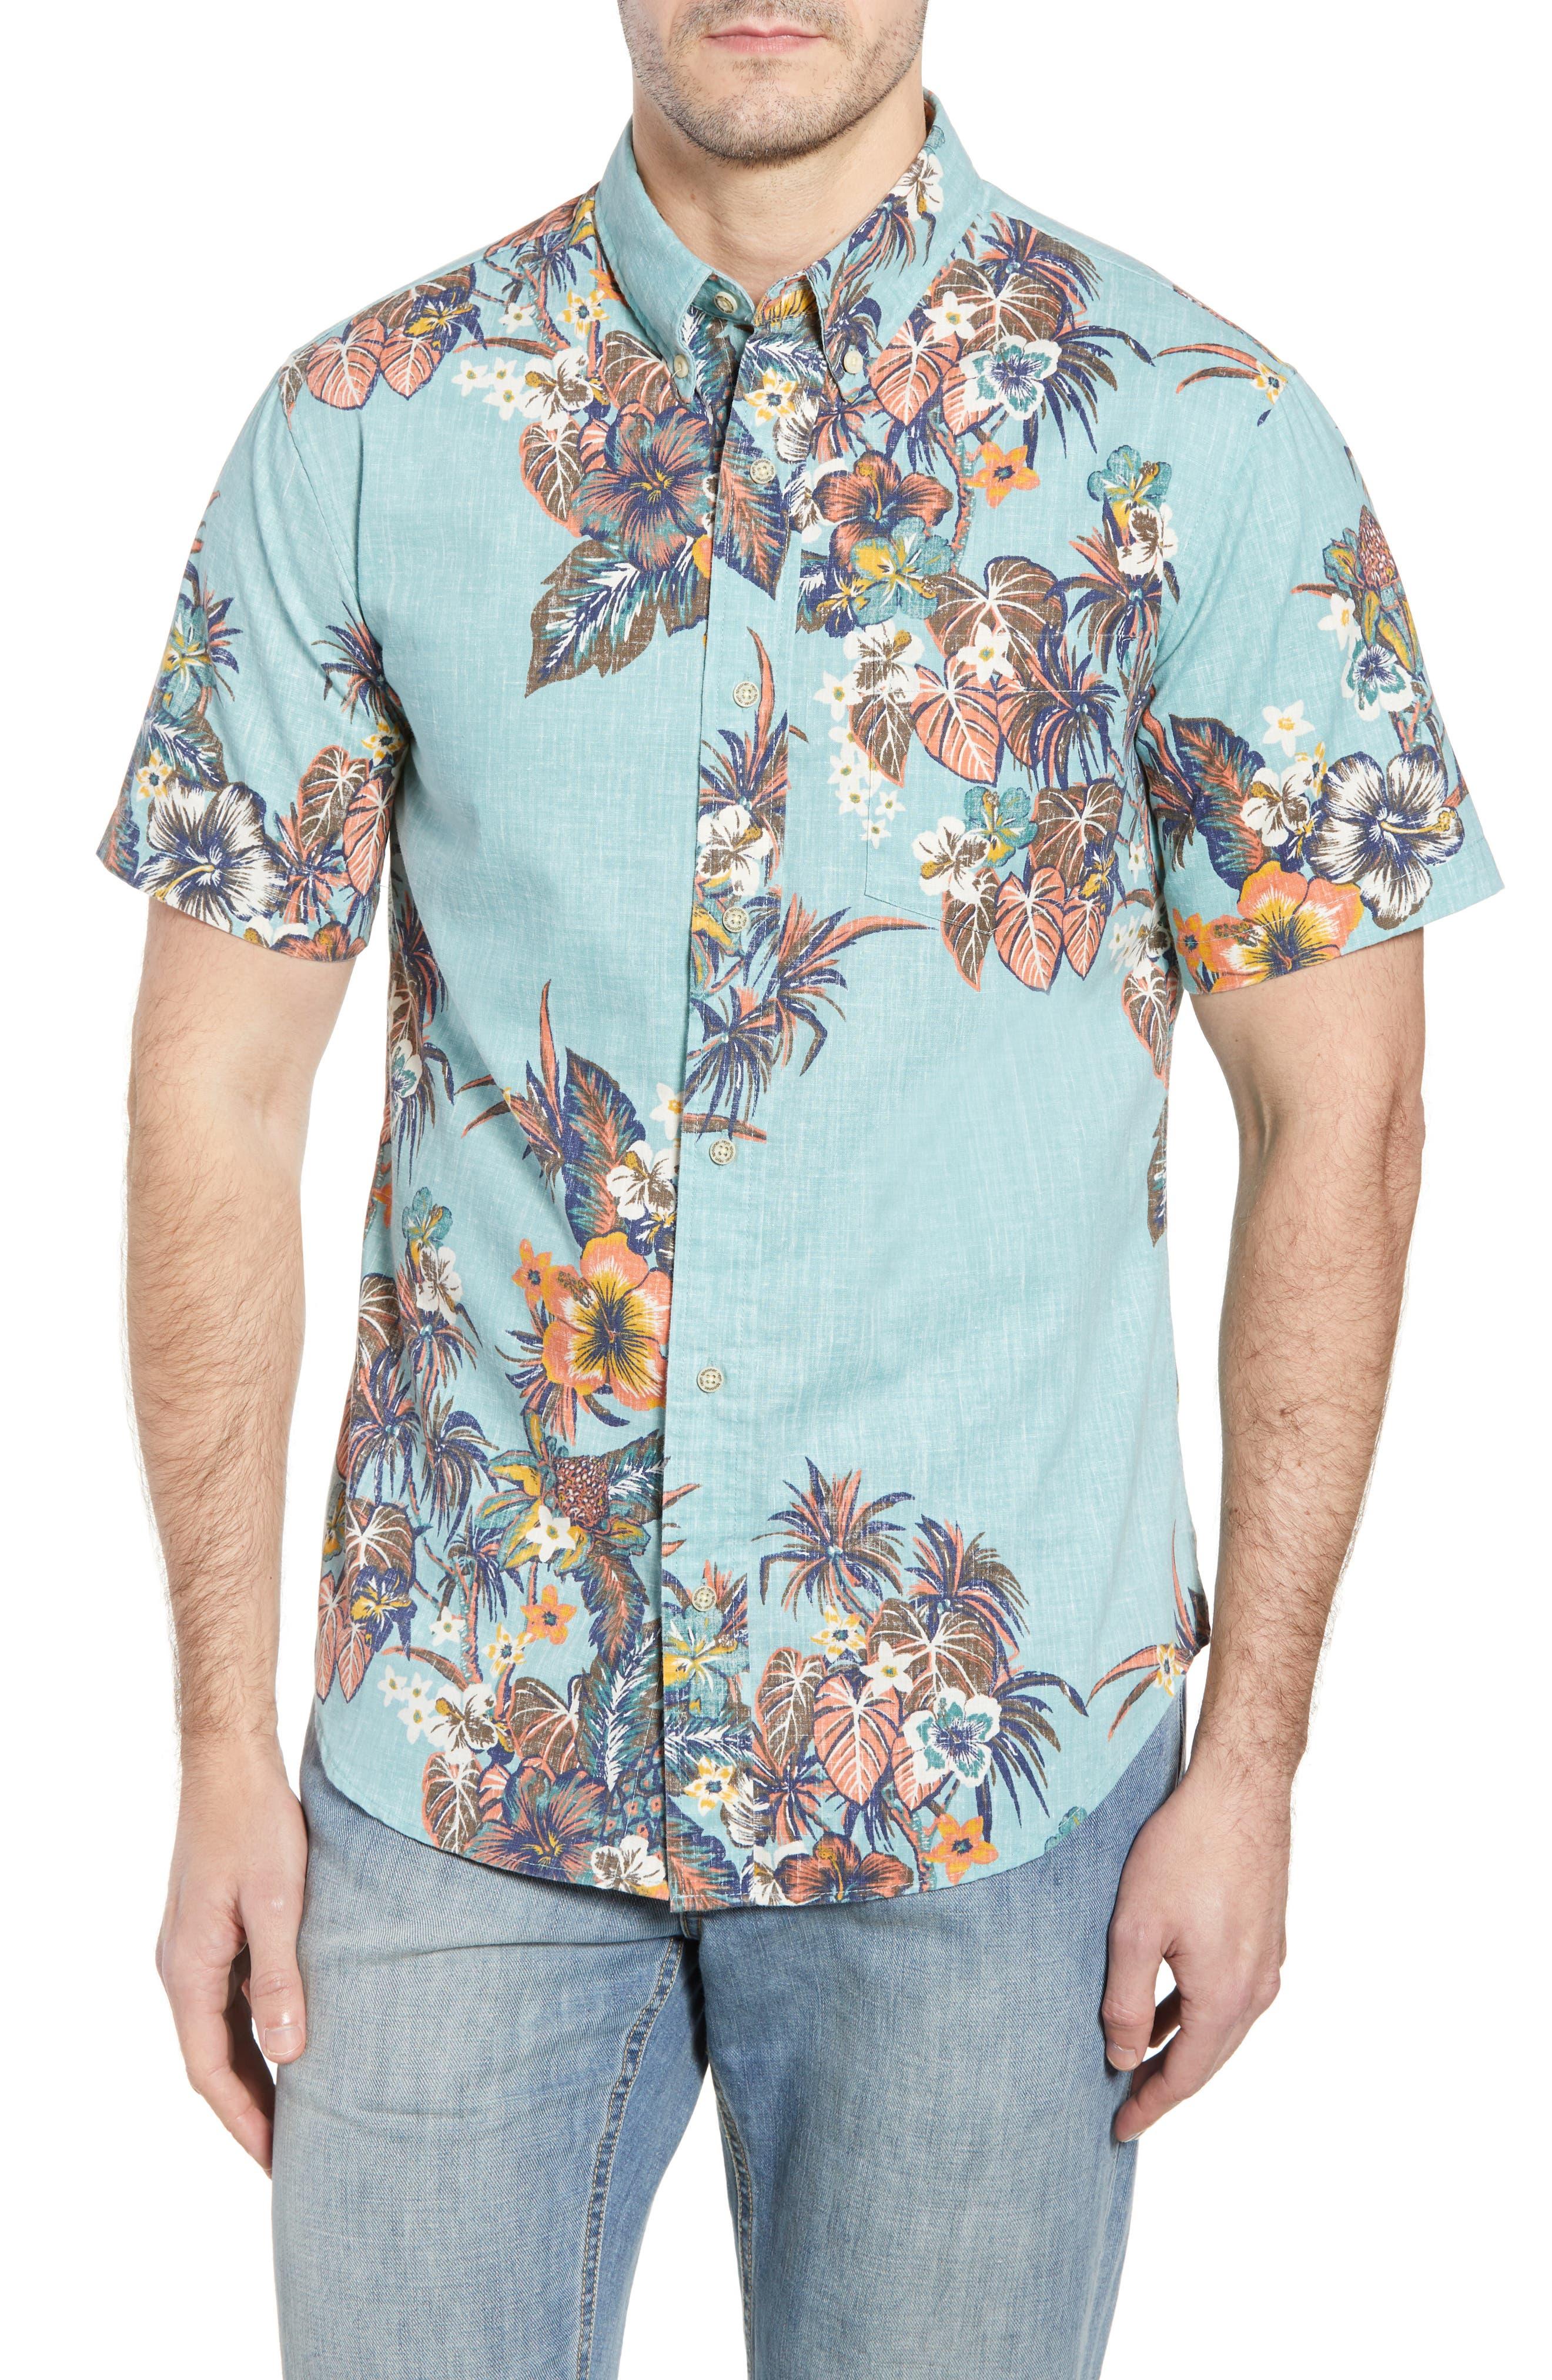 Pupas & Mai Tais Regular Fit Sport Shirt,                             Main thumbnail 1, color,                             BLUE 2